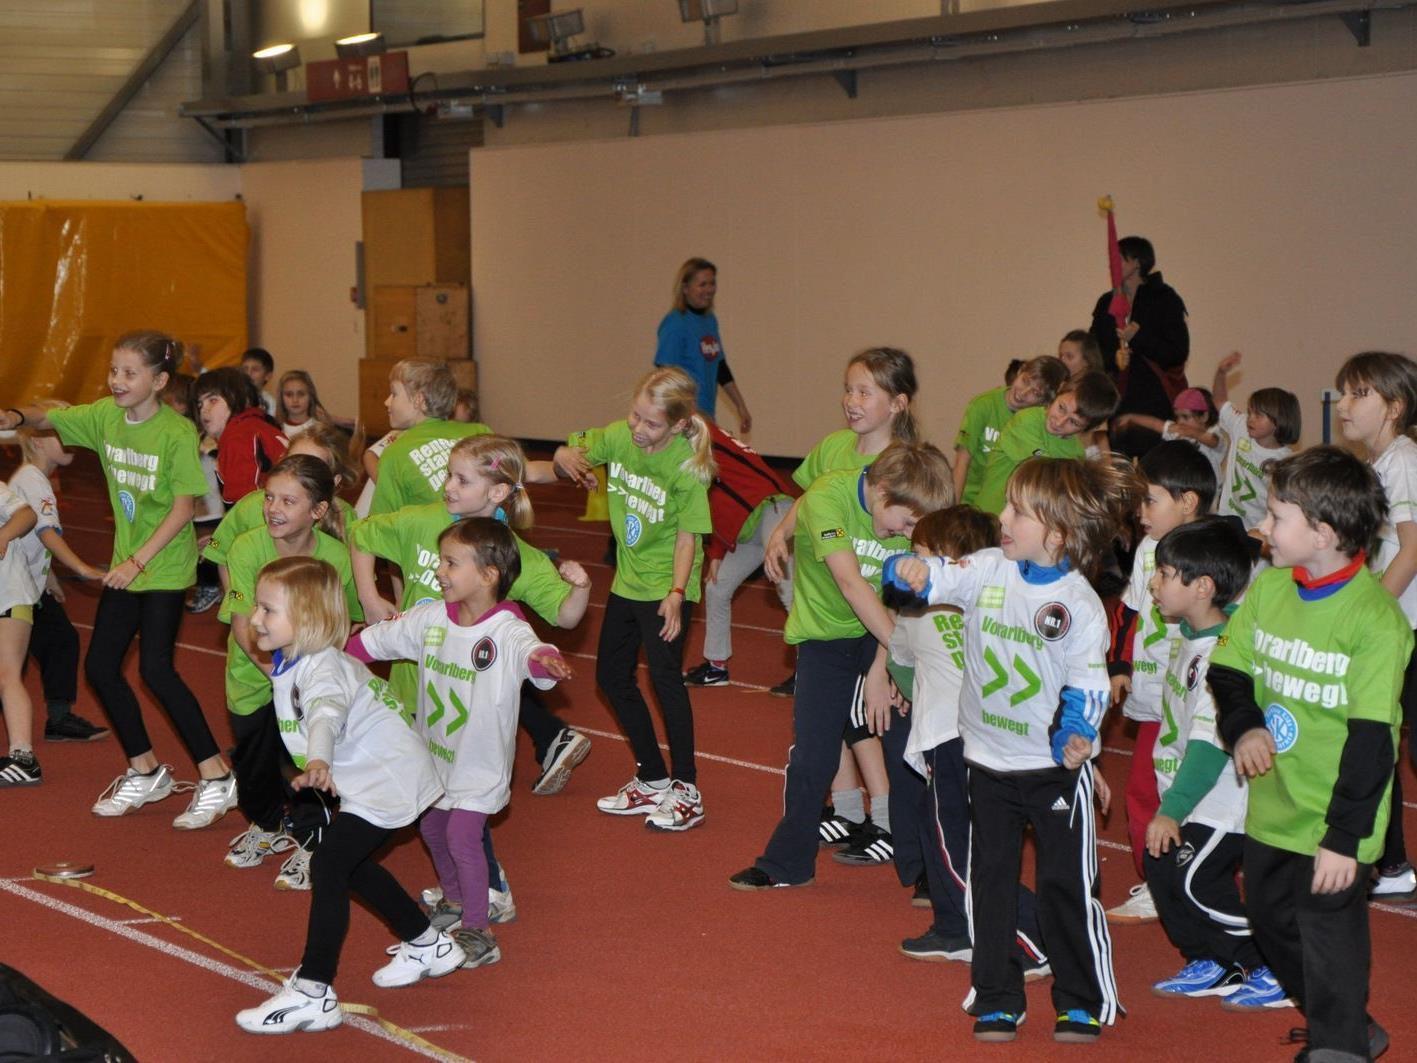 Die TS Dornbirn lädt am 28. Jänner 2012 zum 2. Kids Athletics Tag.